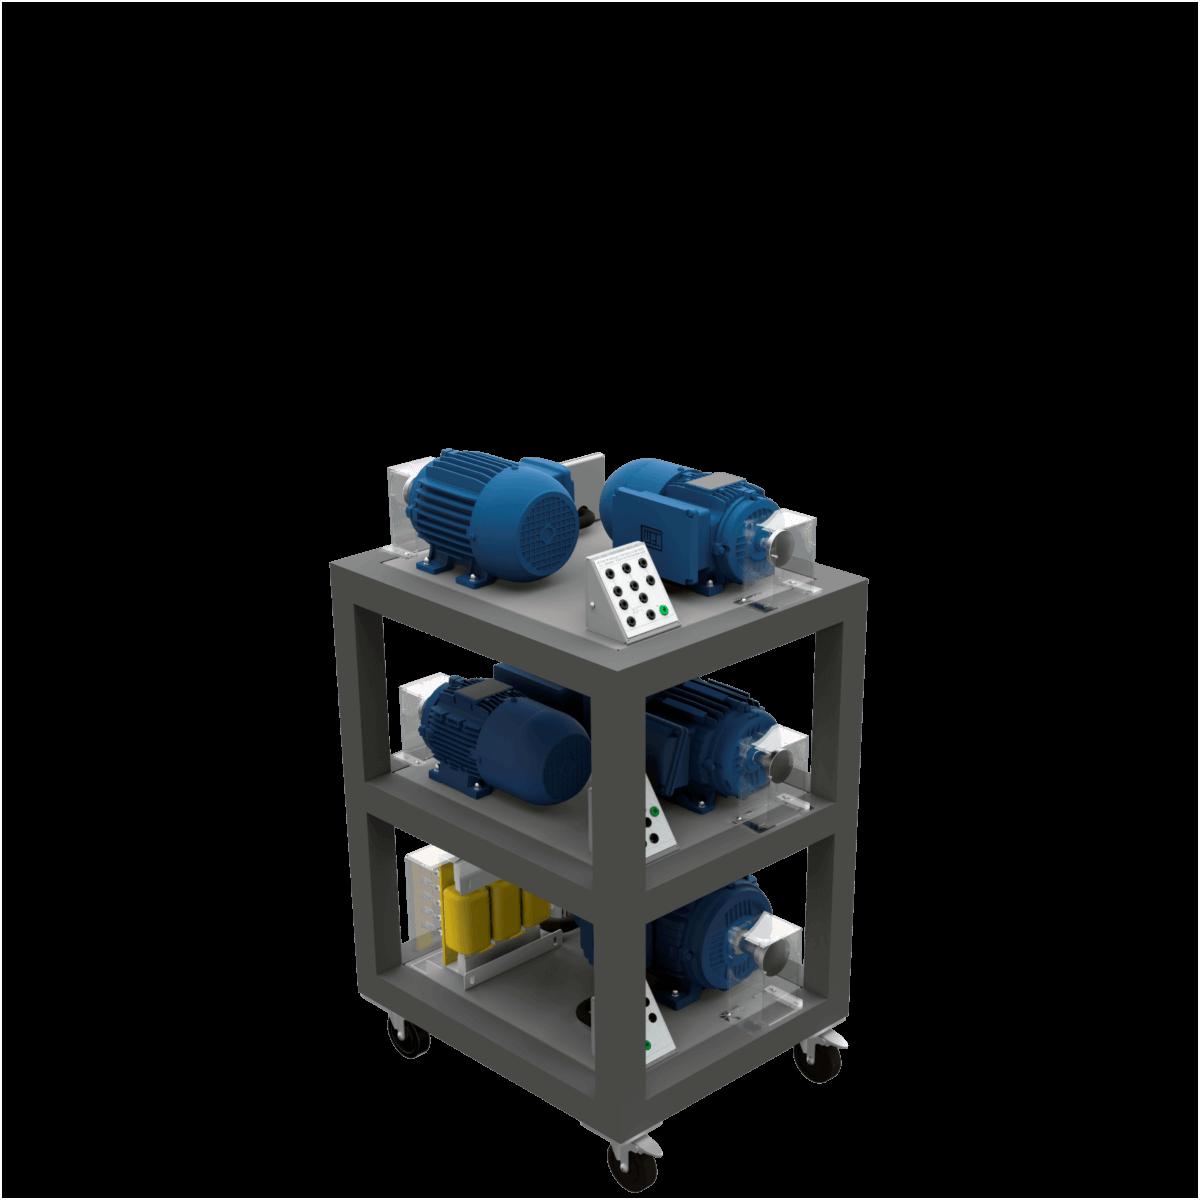 lab-eletricidade-industrial-bancada-didatica-banco-de-motores-auttom-8